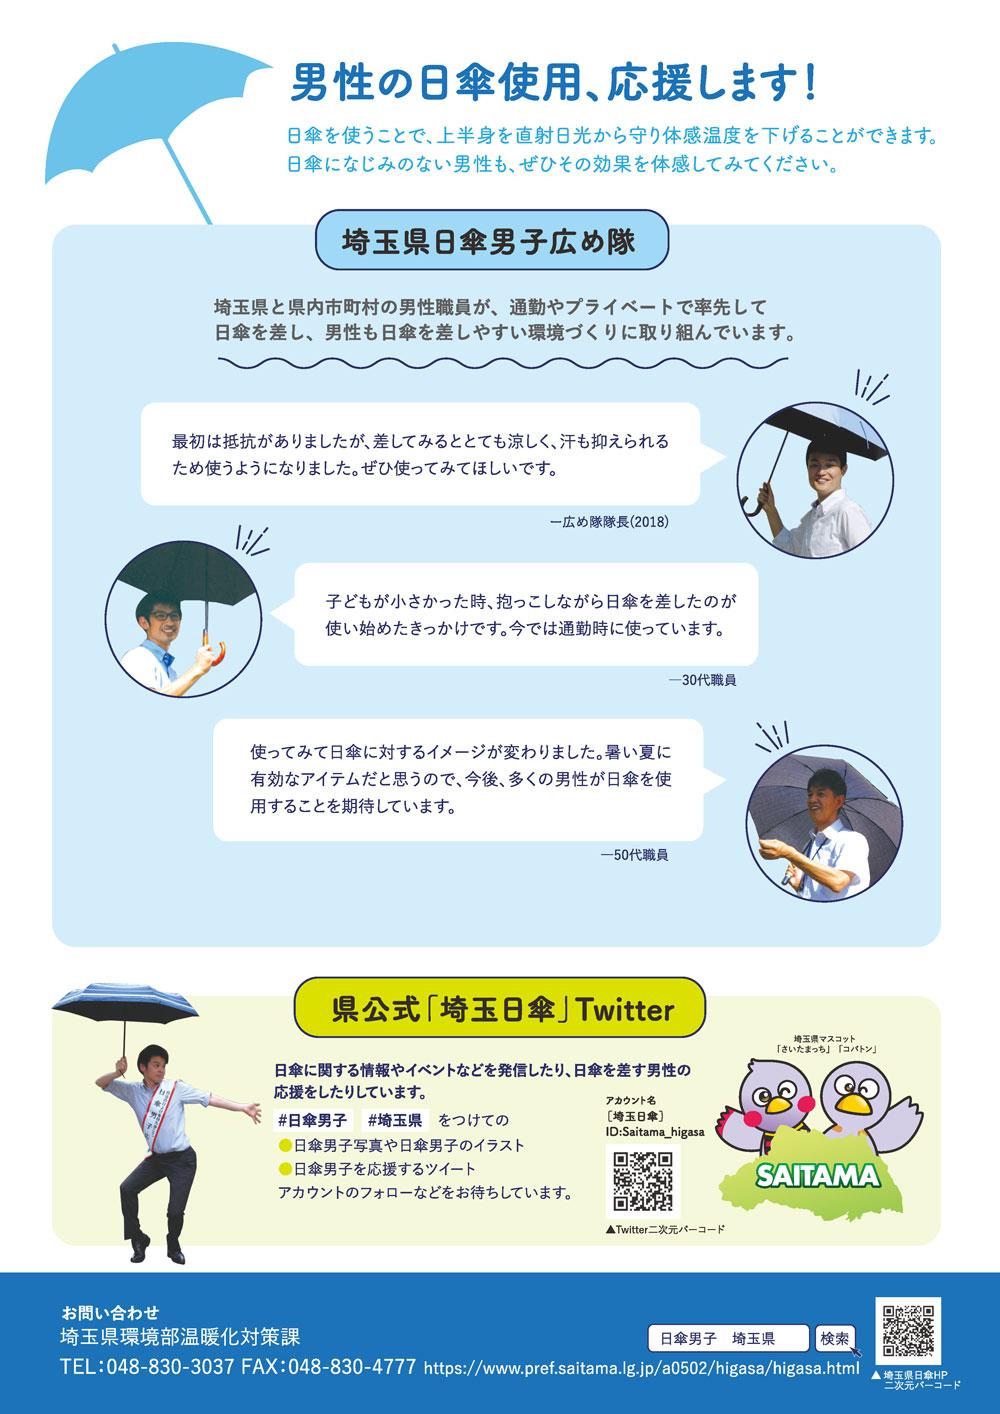 男性の日傘使用応援します